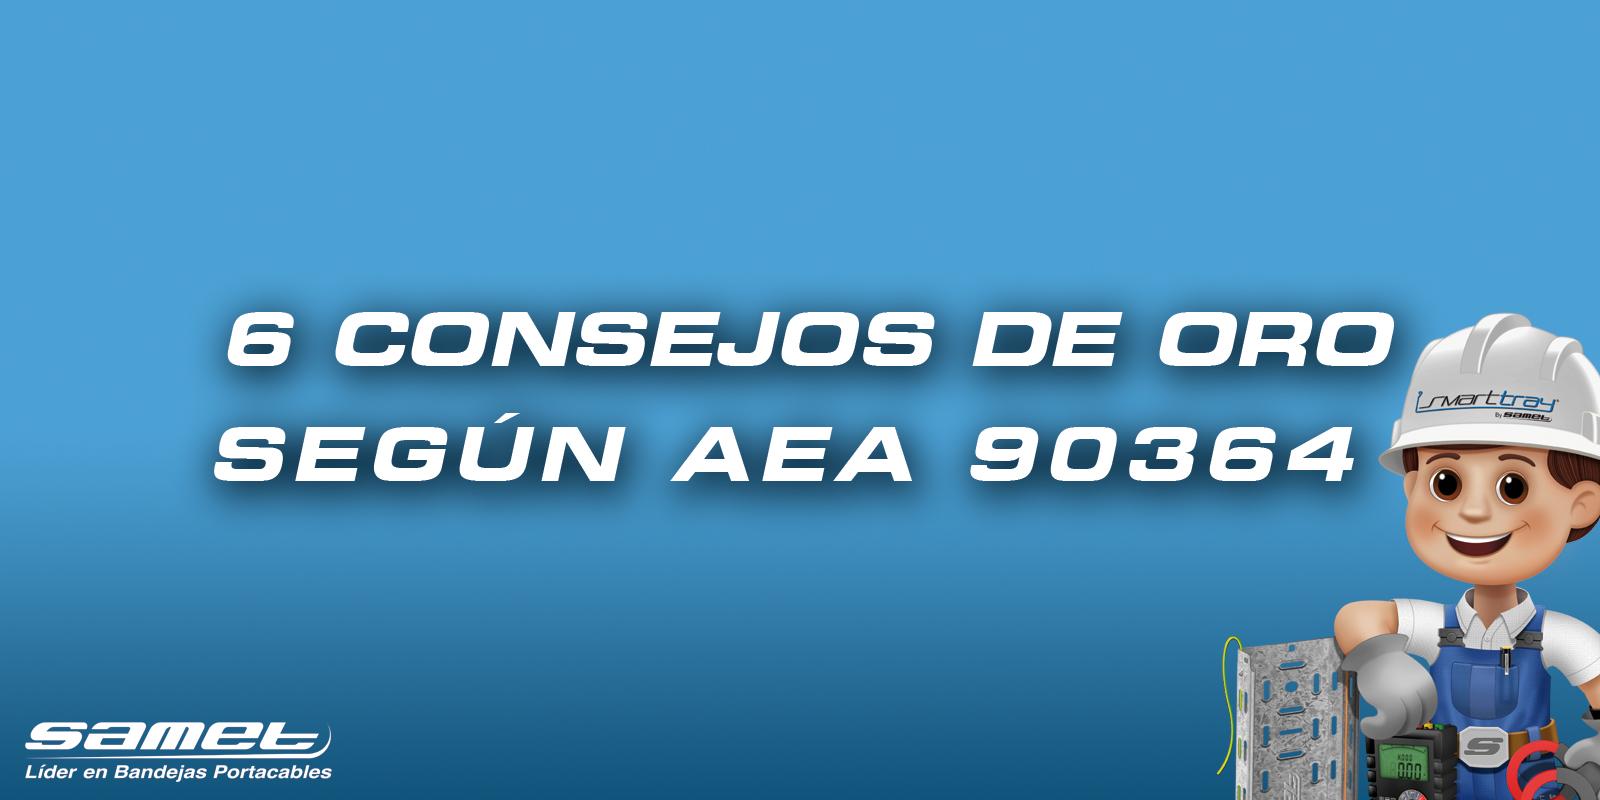 AEA 90364: 6 consejos cruciales de bandejas portacables